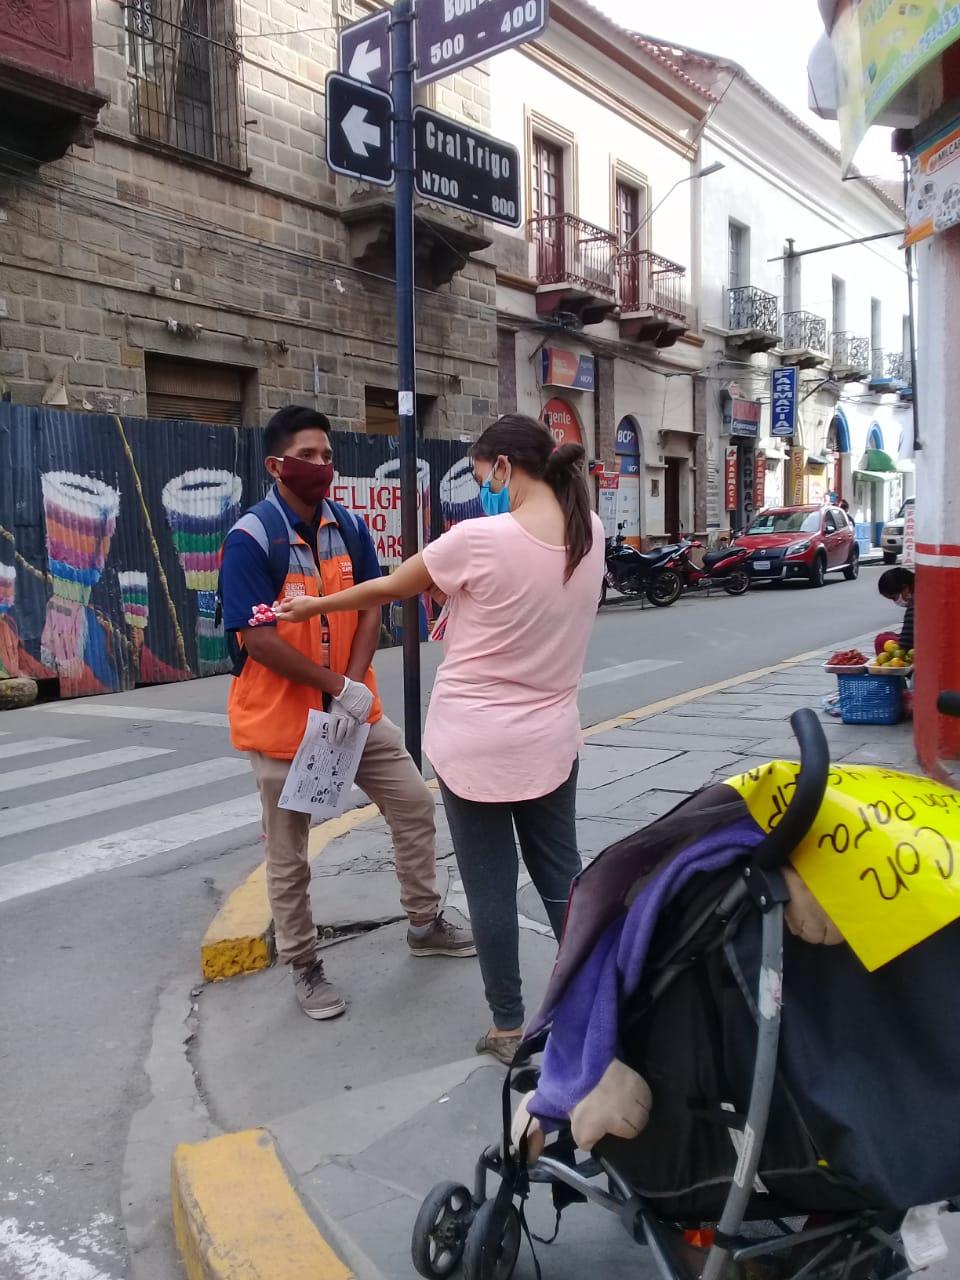 Extranjeros y menores de edad subsisten expuestos al Covid-19 en Tarija